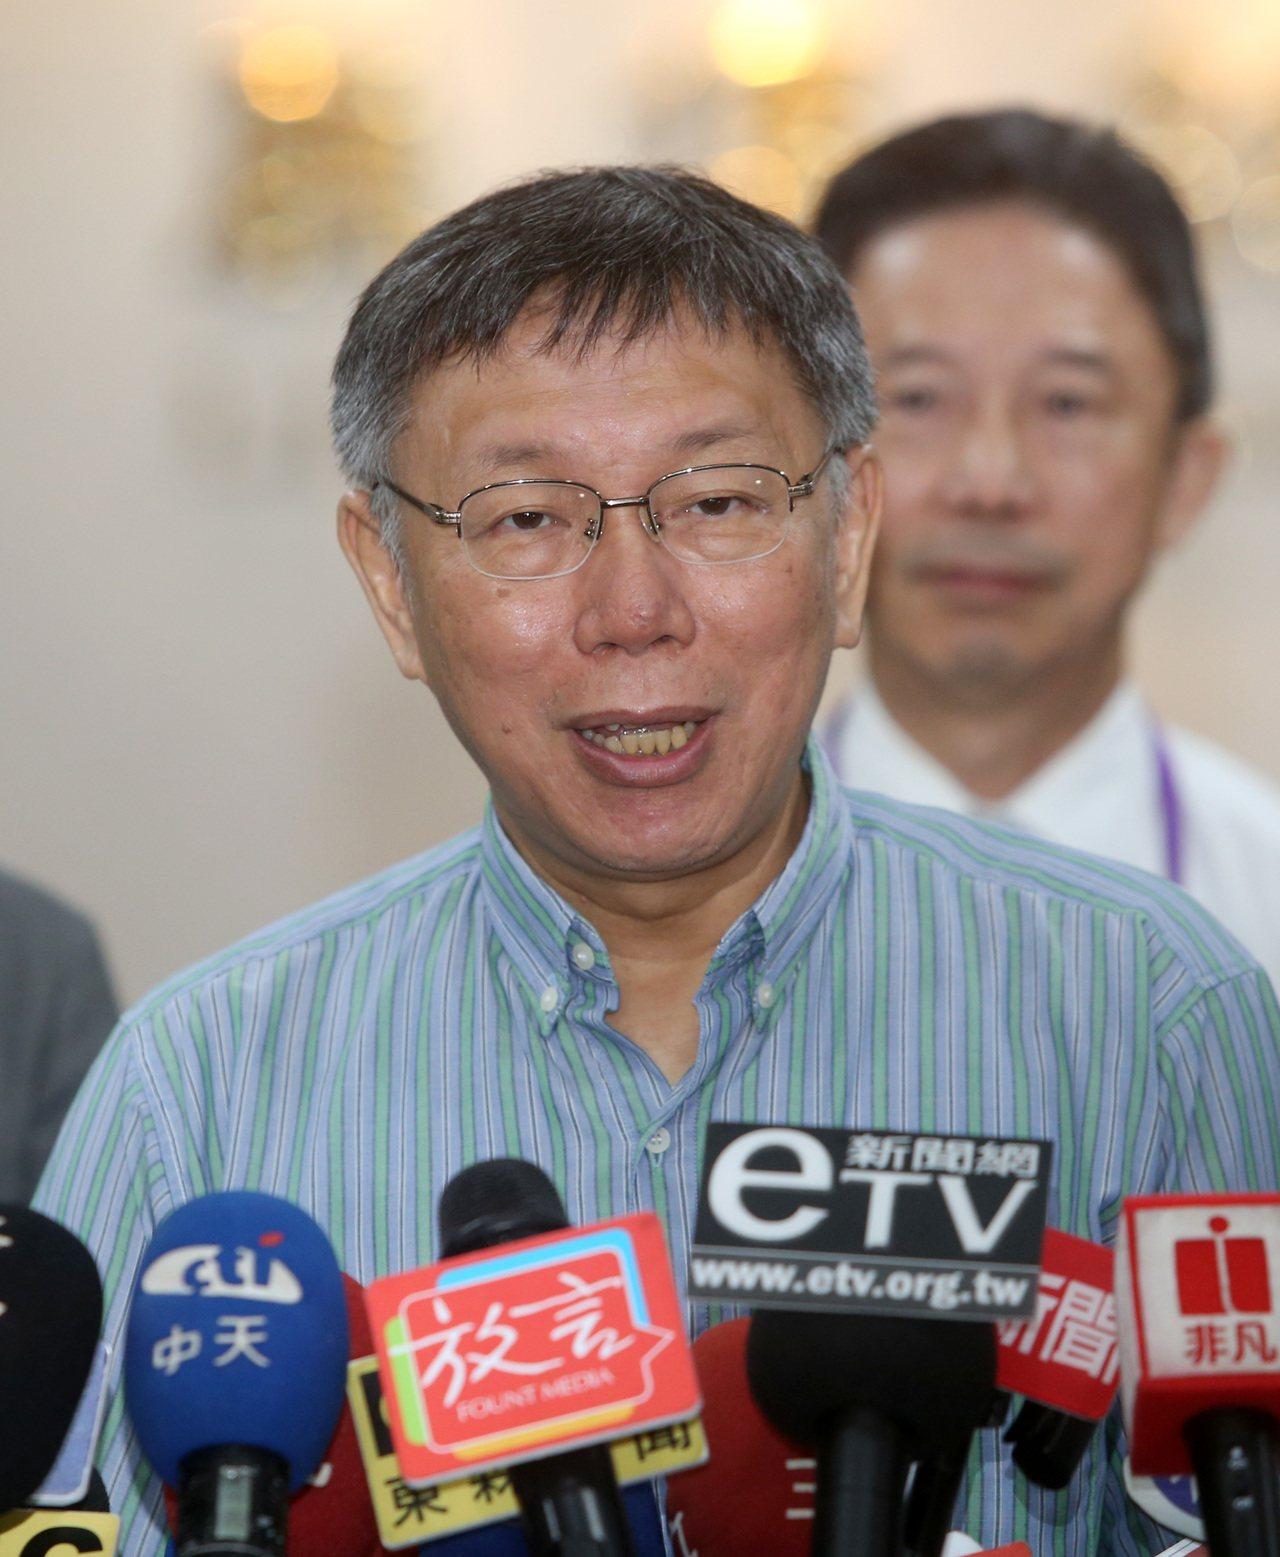 台北市長柯文哲上午參加市政會議前受訪。記者曾吉松/攝影